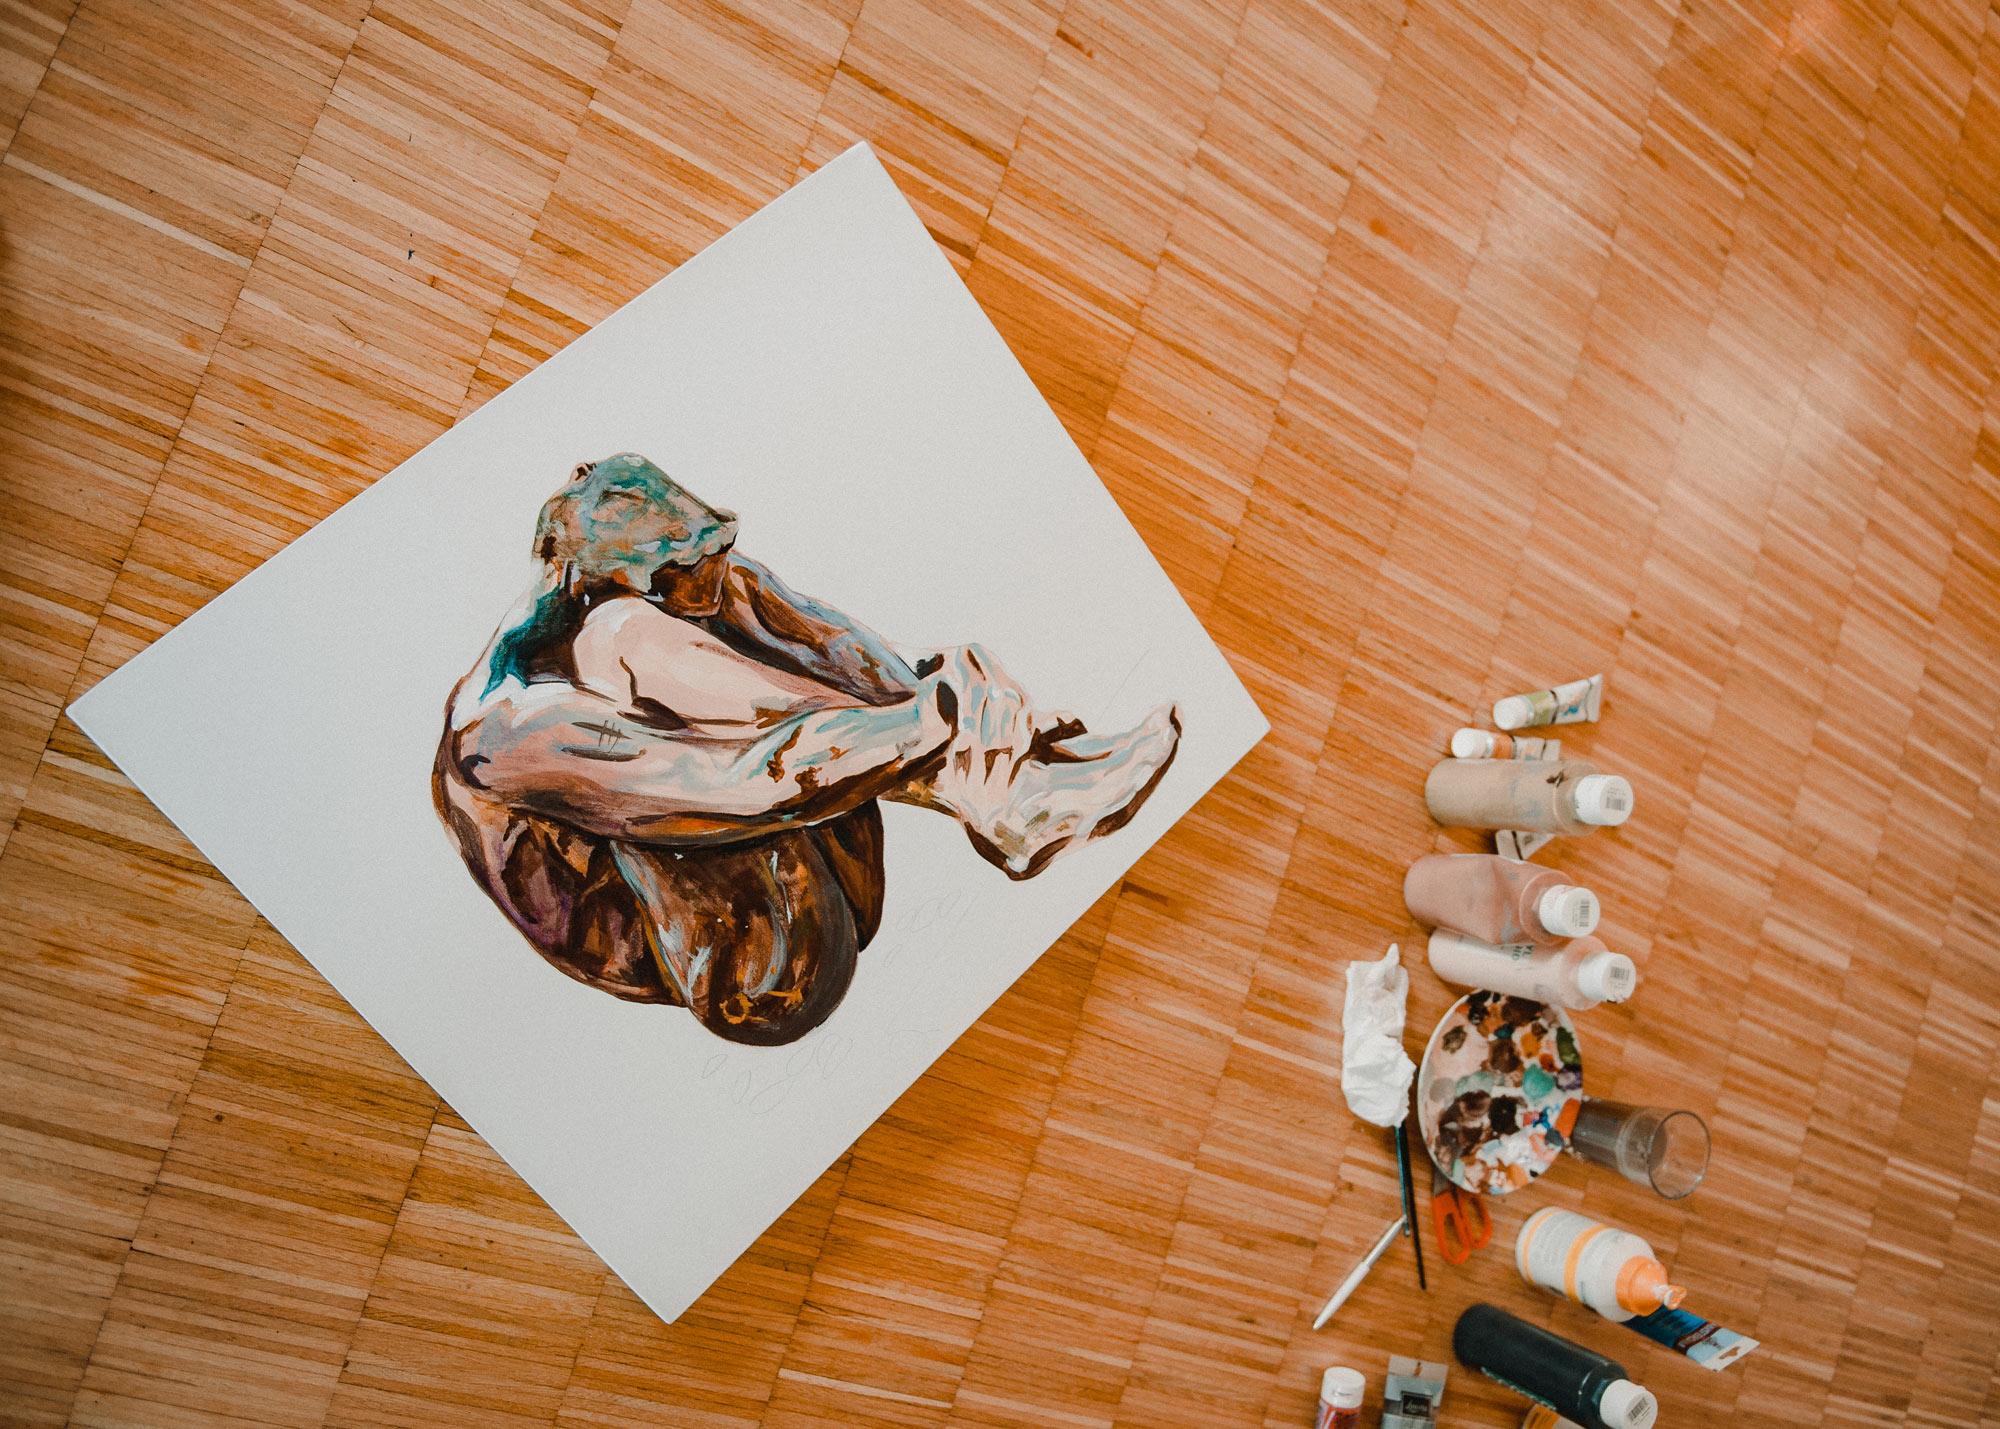 Fotodokumentation der Motiventstehung. Leinwand, Pinseln und Farben